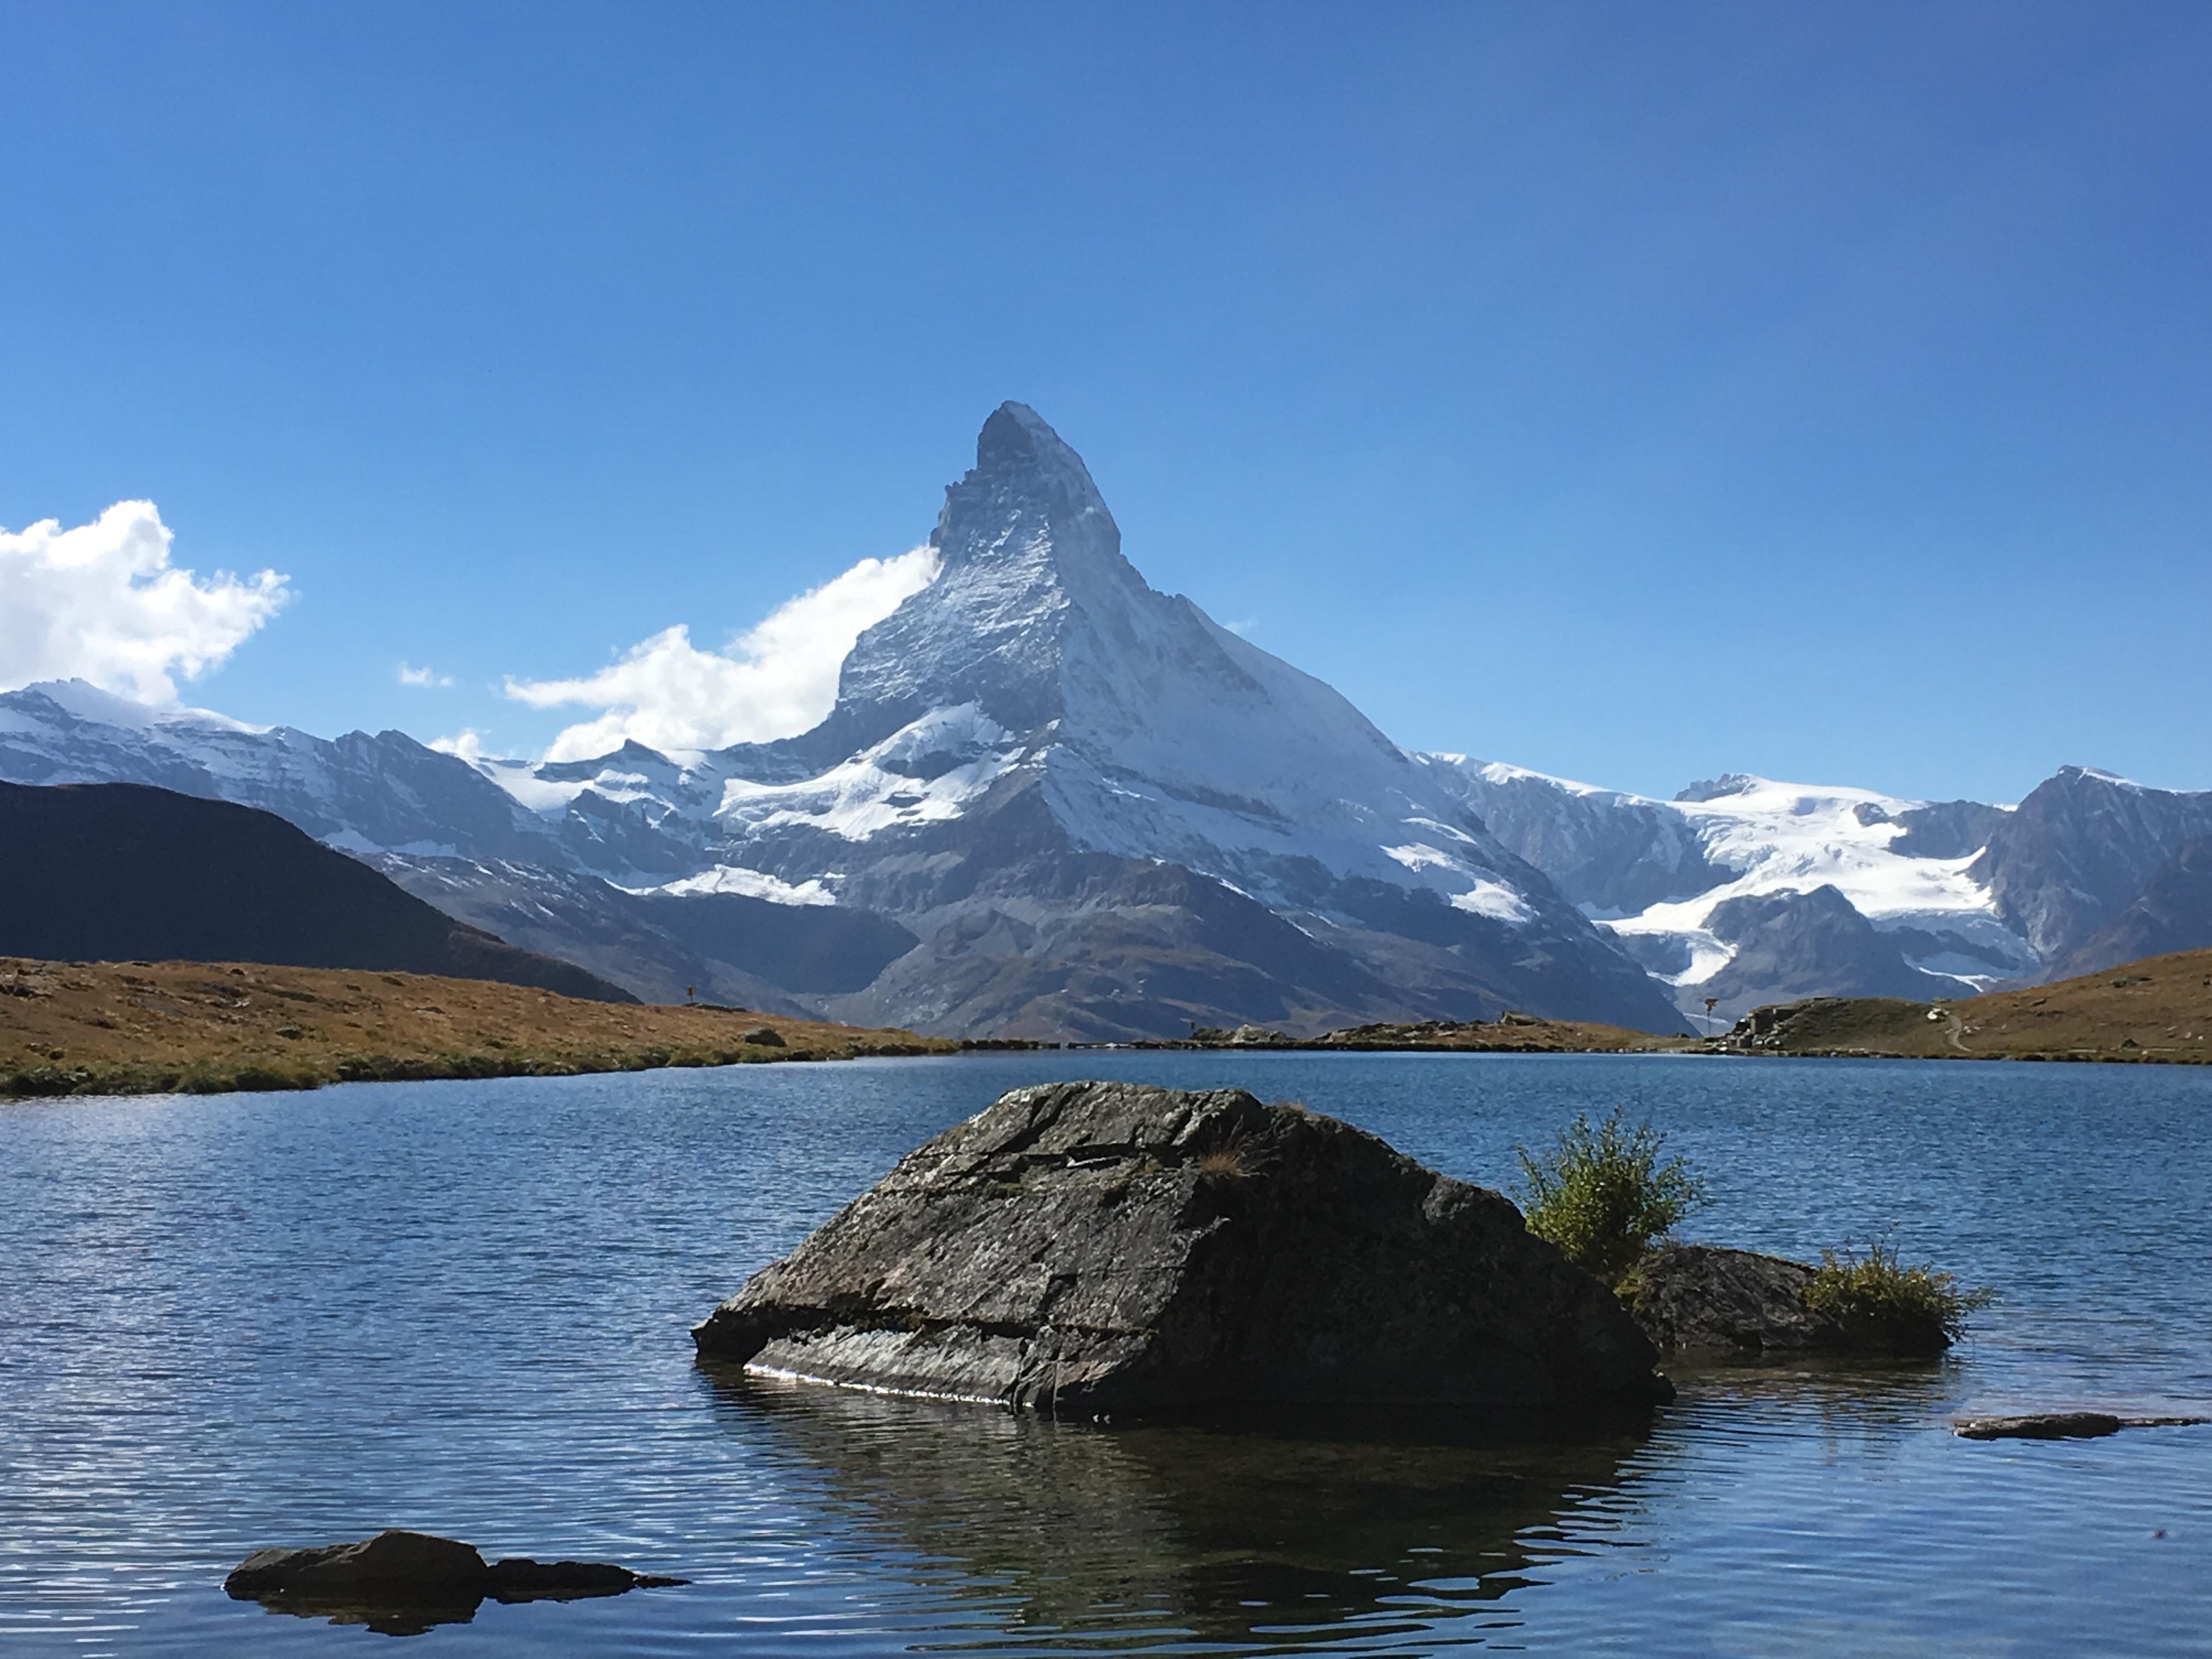 스위스 여행 가자!! - 09-2. 슈텔리 호수 / 라이 ...